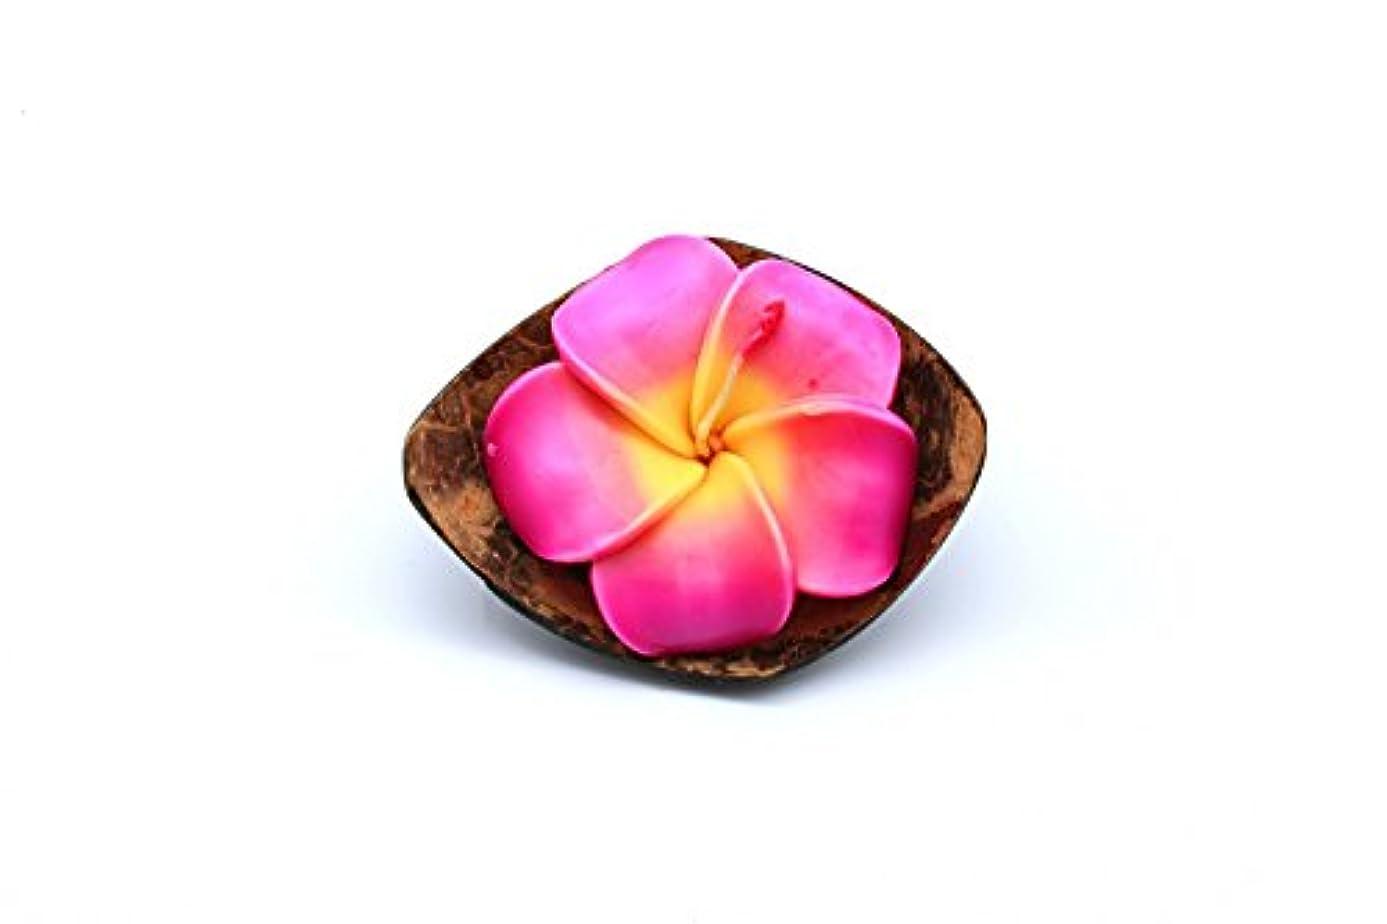 ただやる無意識イブハワイのルアウパーティーリアルココナッツクォーターシェルキャンドルホルダー花プルメイラローズ香りのキャンドルピンク